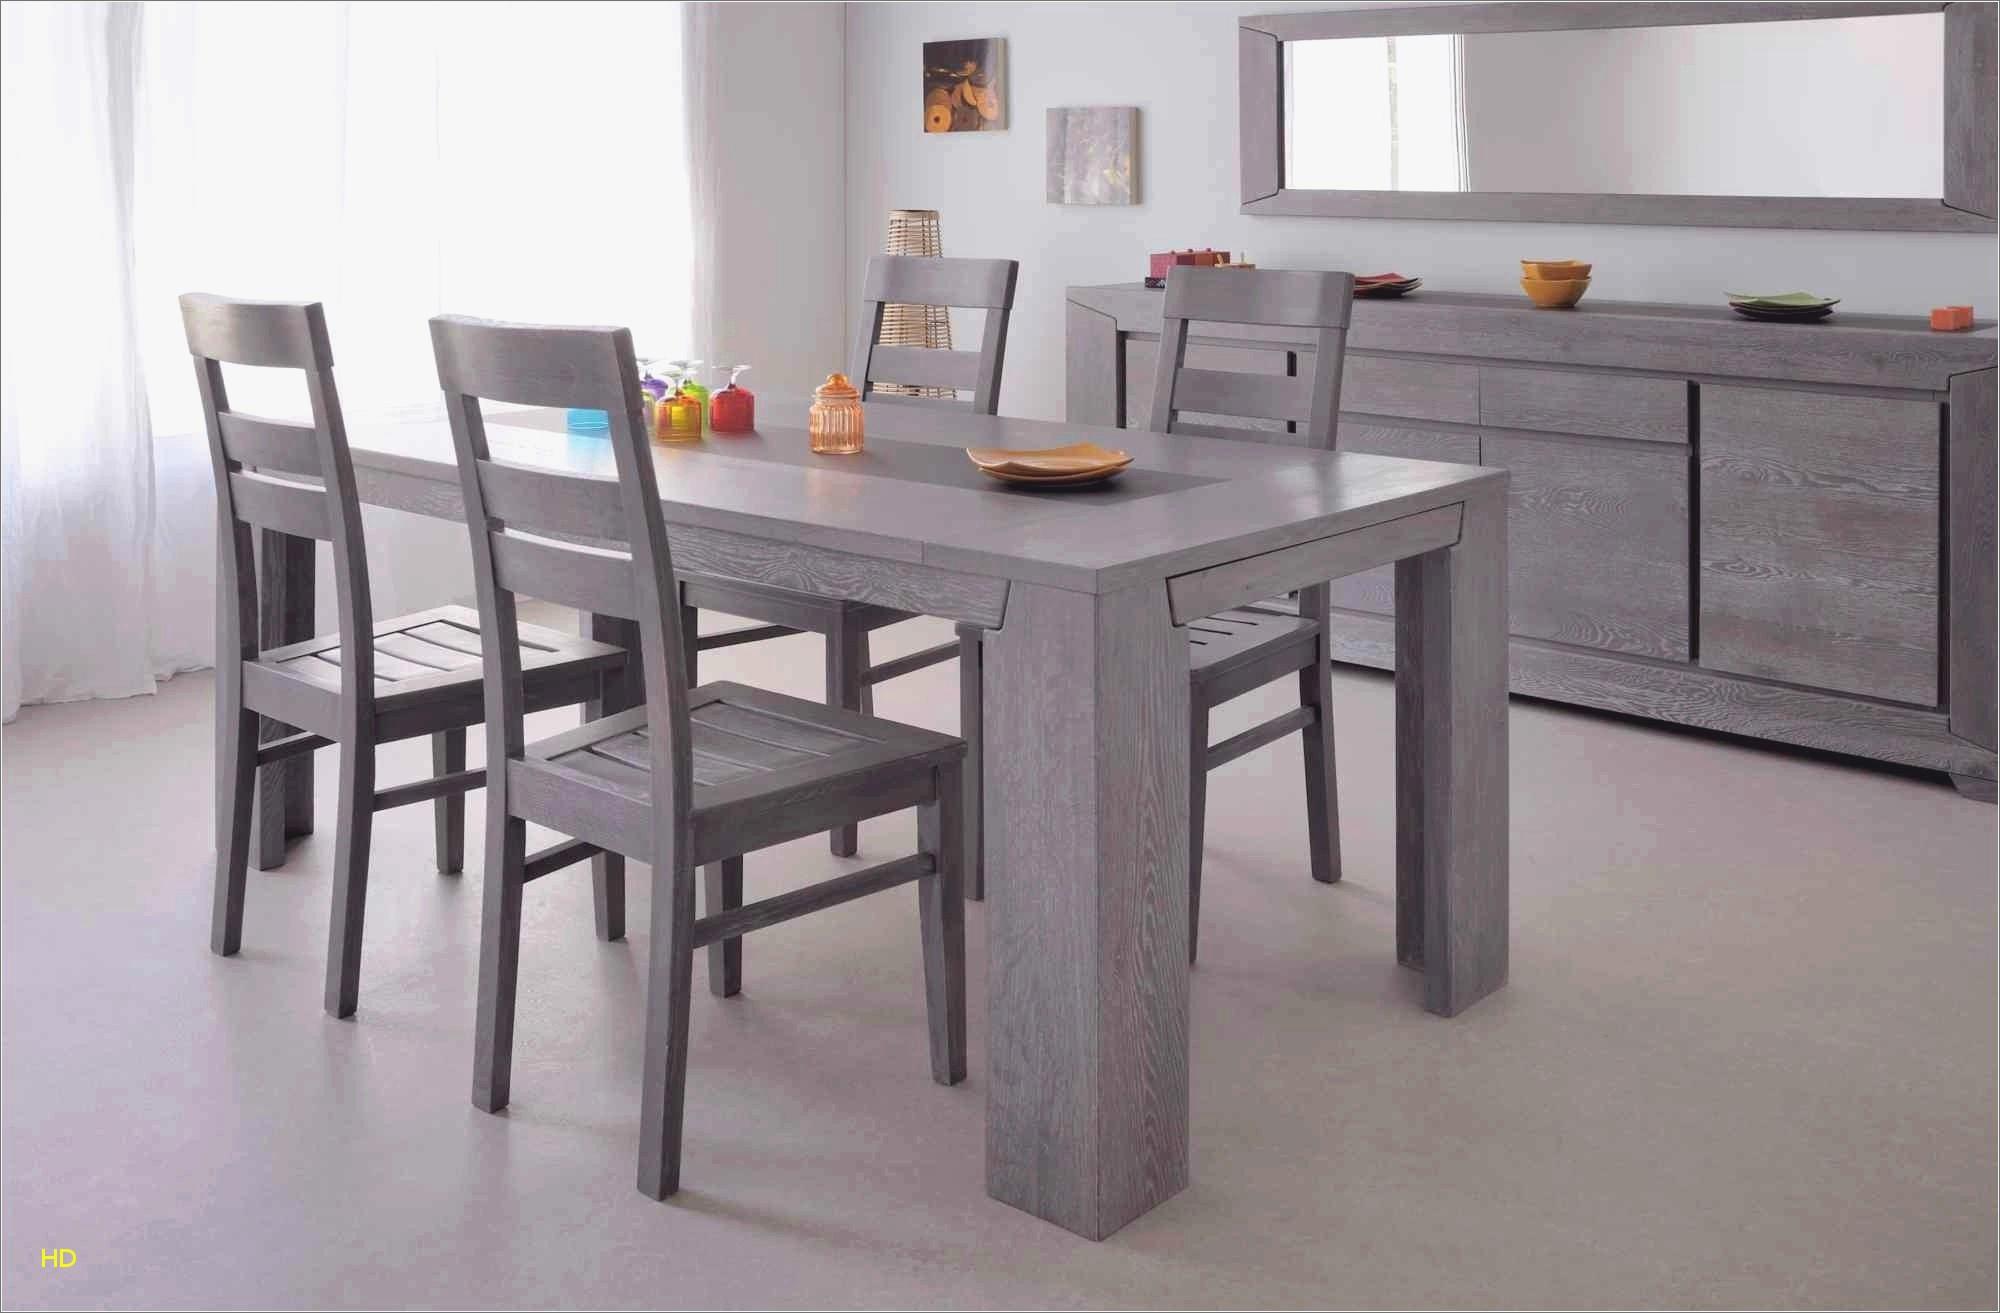 chaise salle a manger scandinave unique meuble de salle a manger meuble salle a manger scandinave chaises of chaise salle a manger scandinave